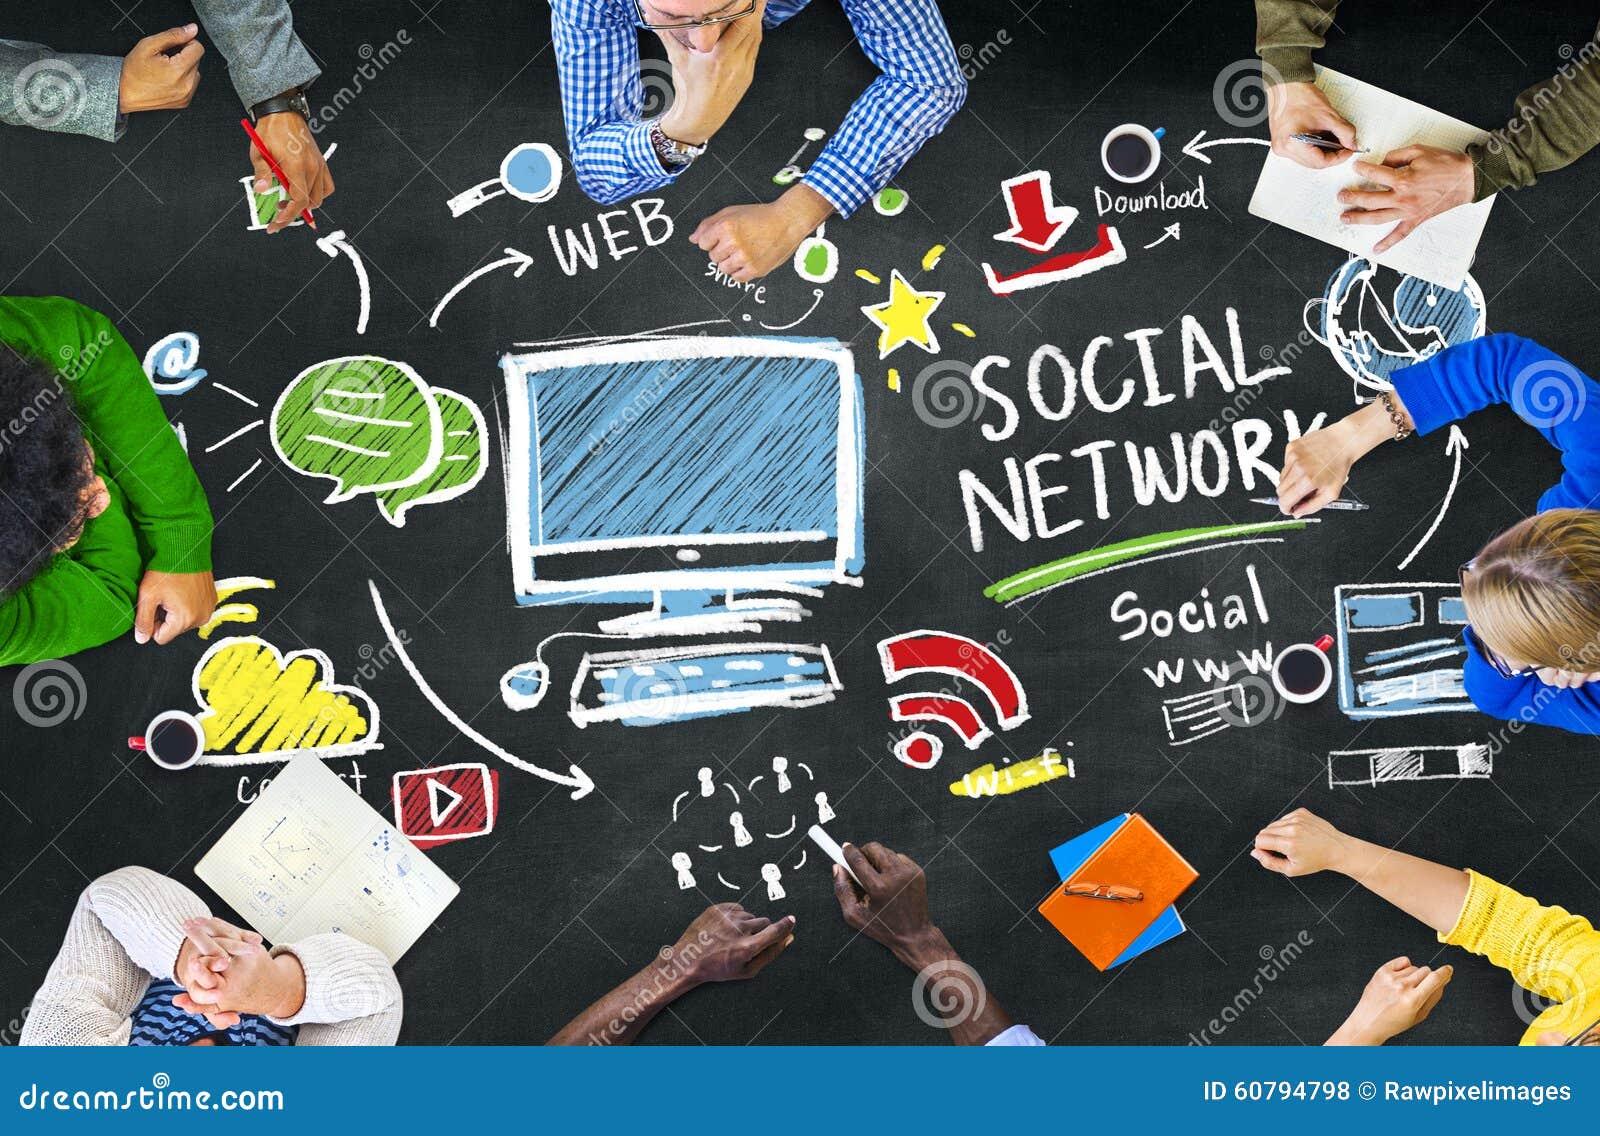 social media to meet people